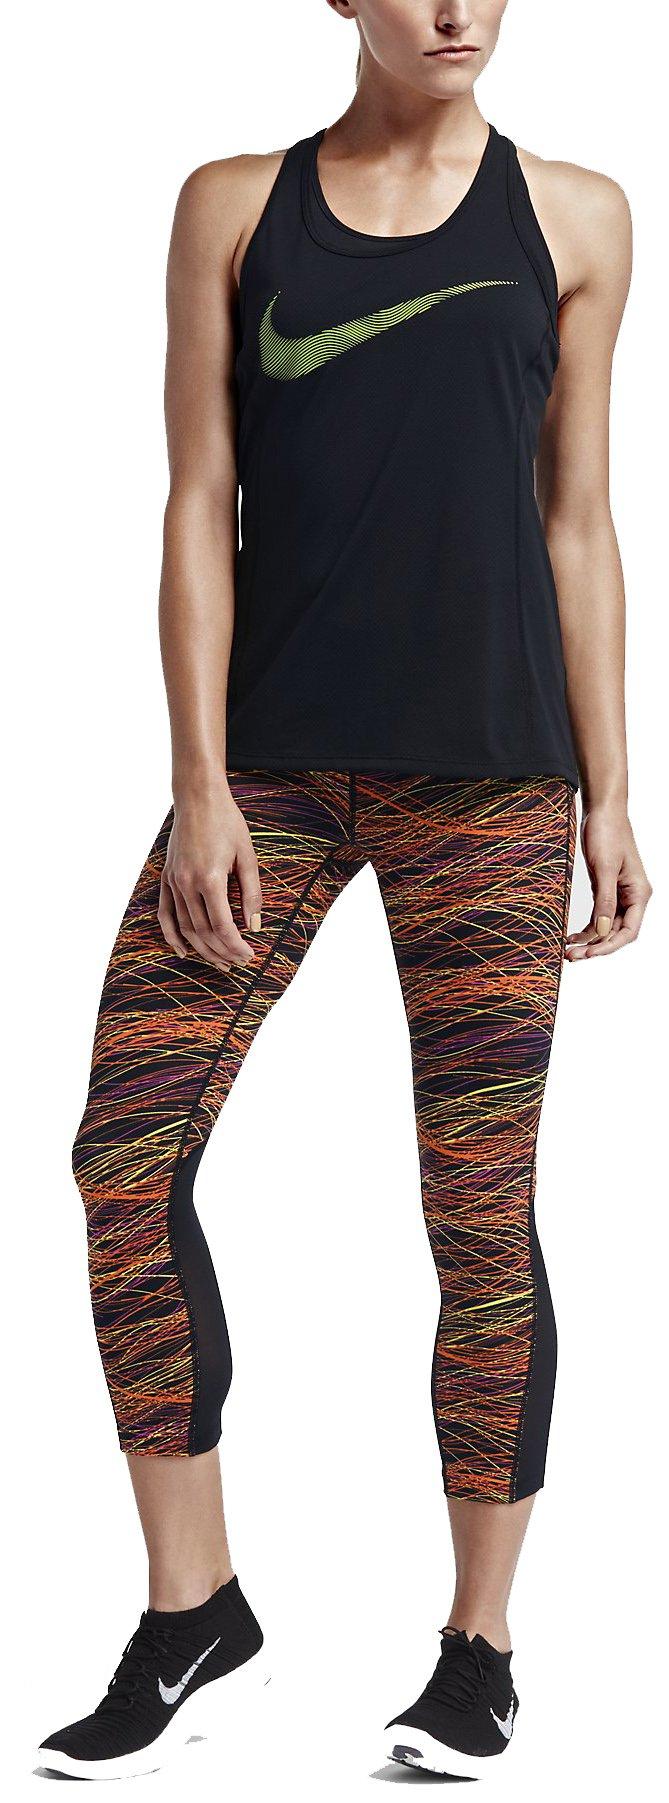 Běžecké tříčtvrteční legíny Nike Epic Lux Crop PR